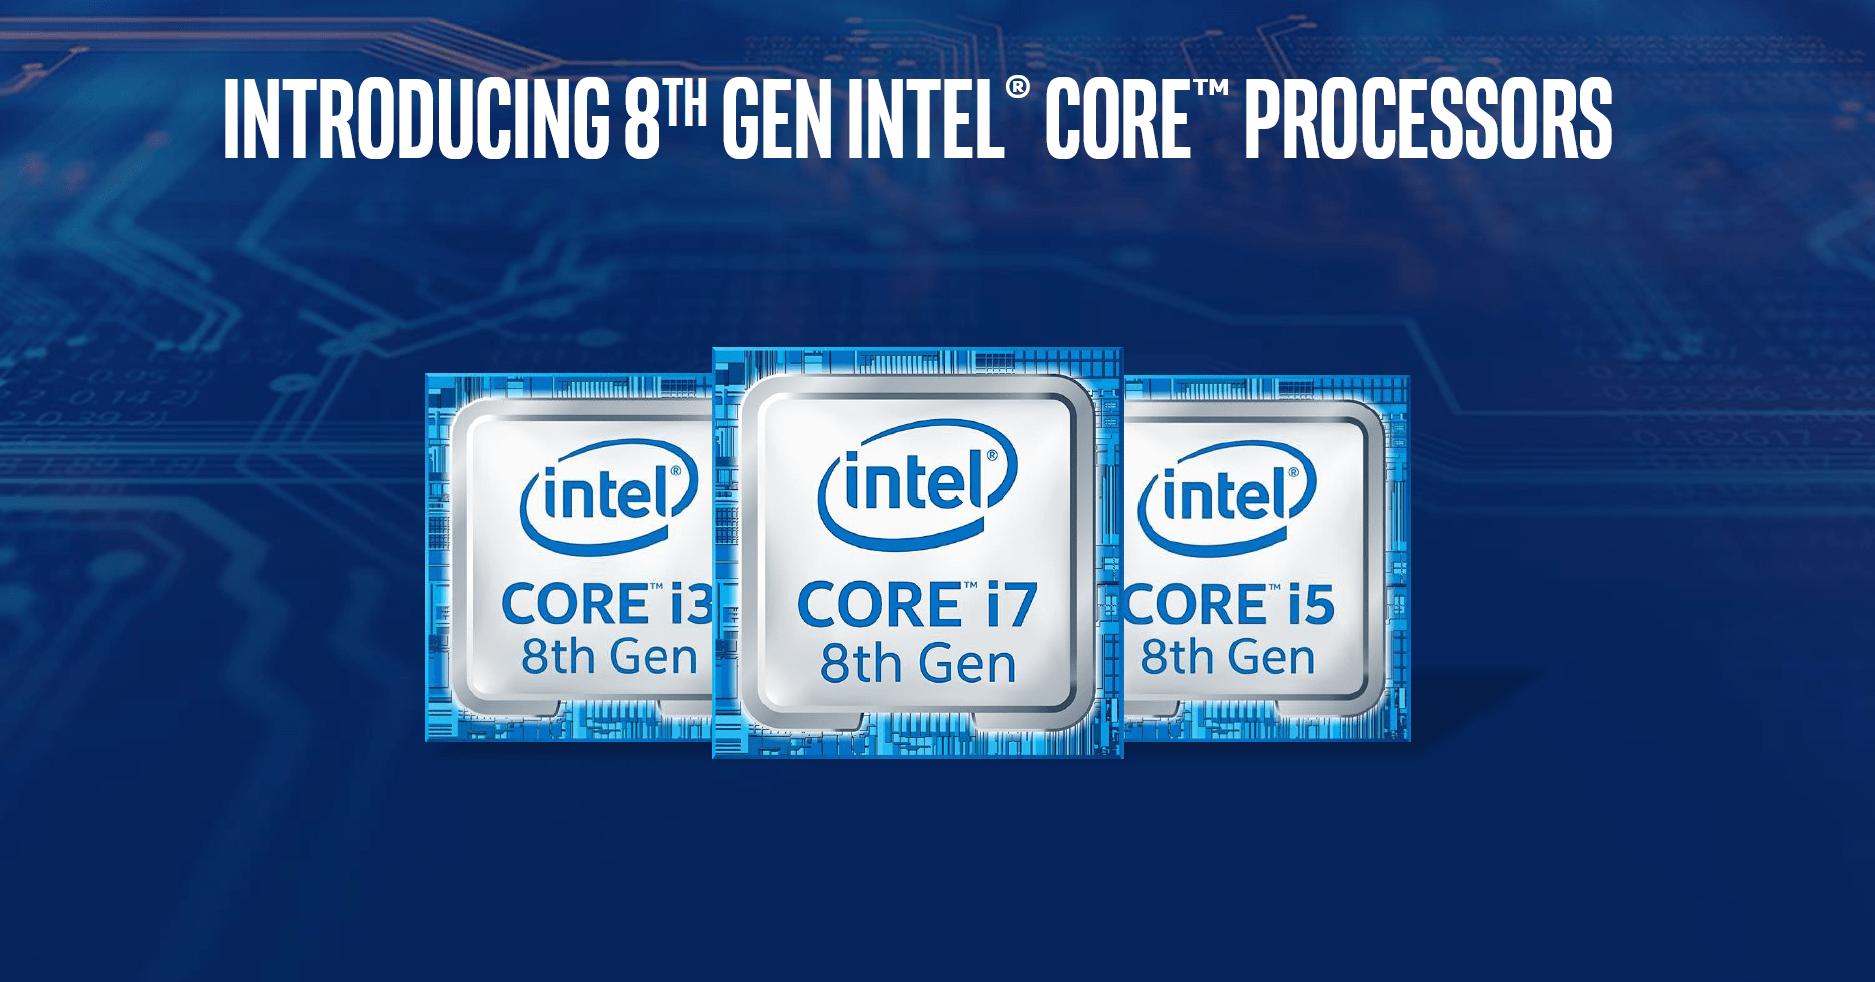 Achte Generation Core